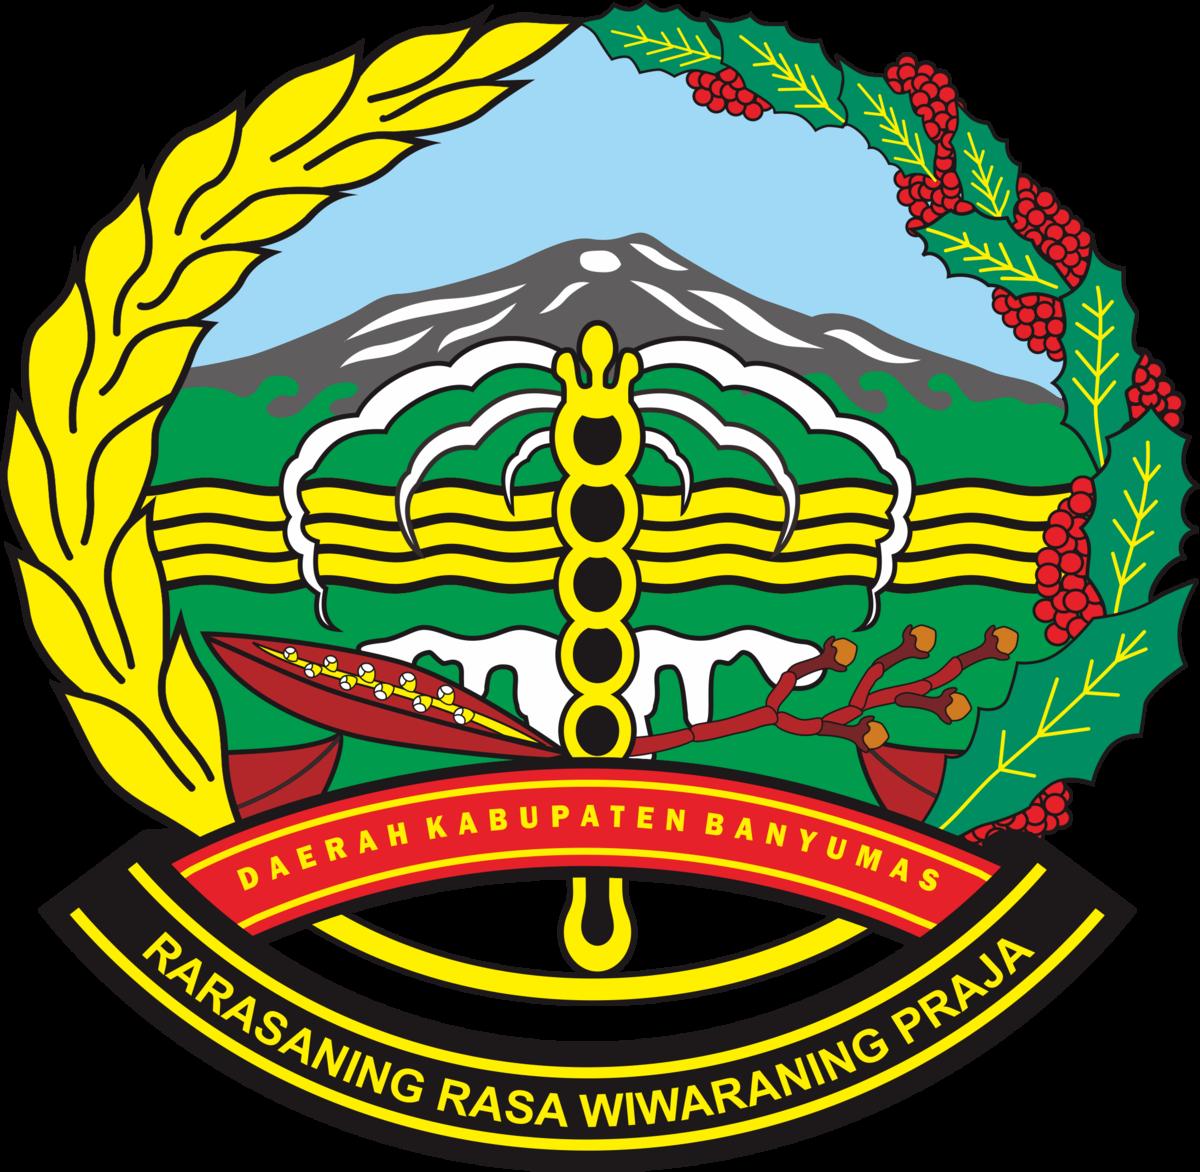 Kabupaten Banyumas Wikipedia Bahasa Indonesia Ensiklopedia Bebas Taman Satria Kab